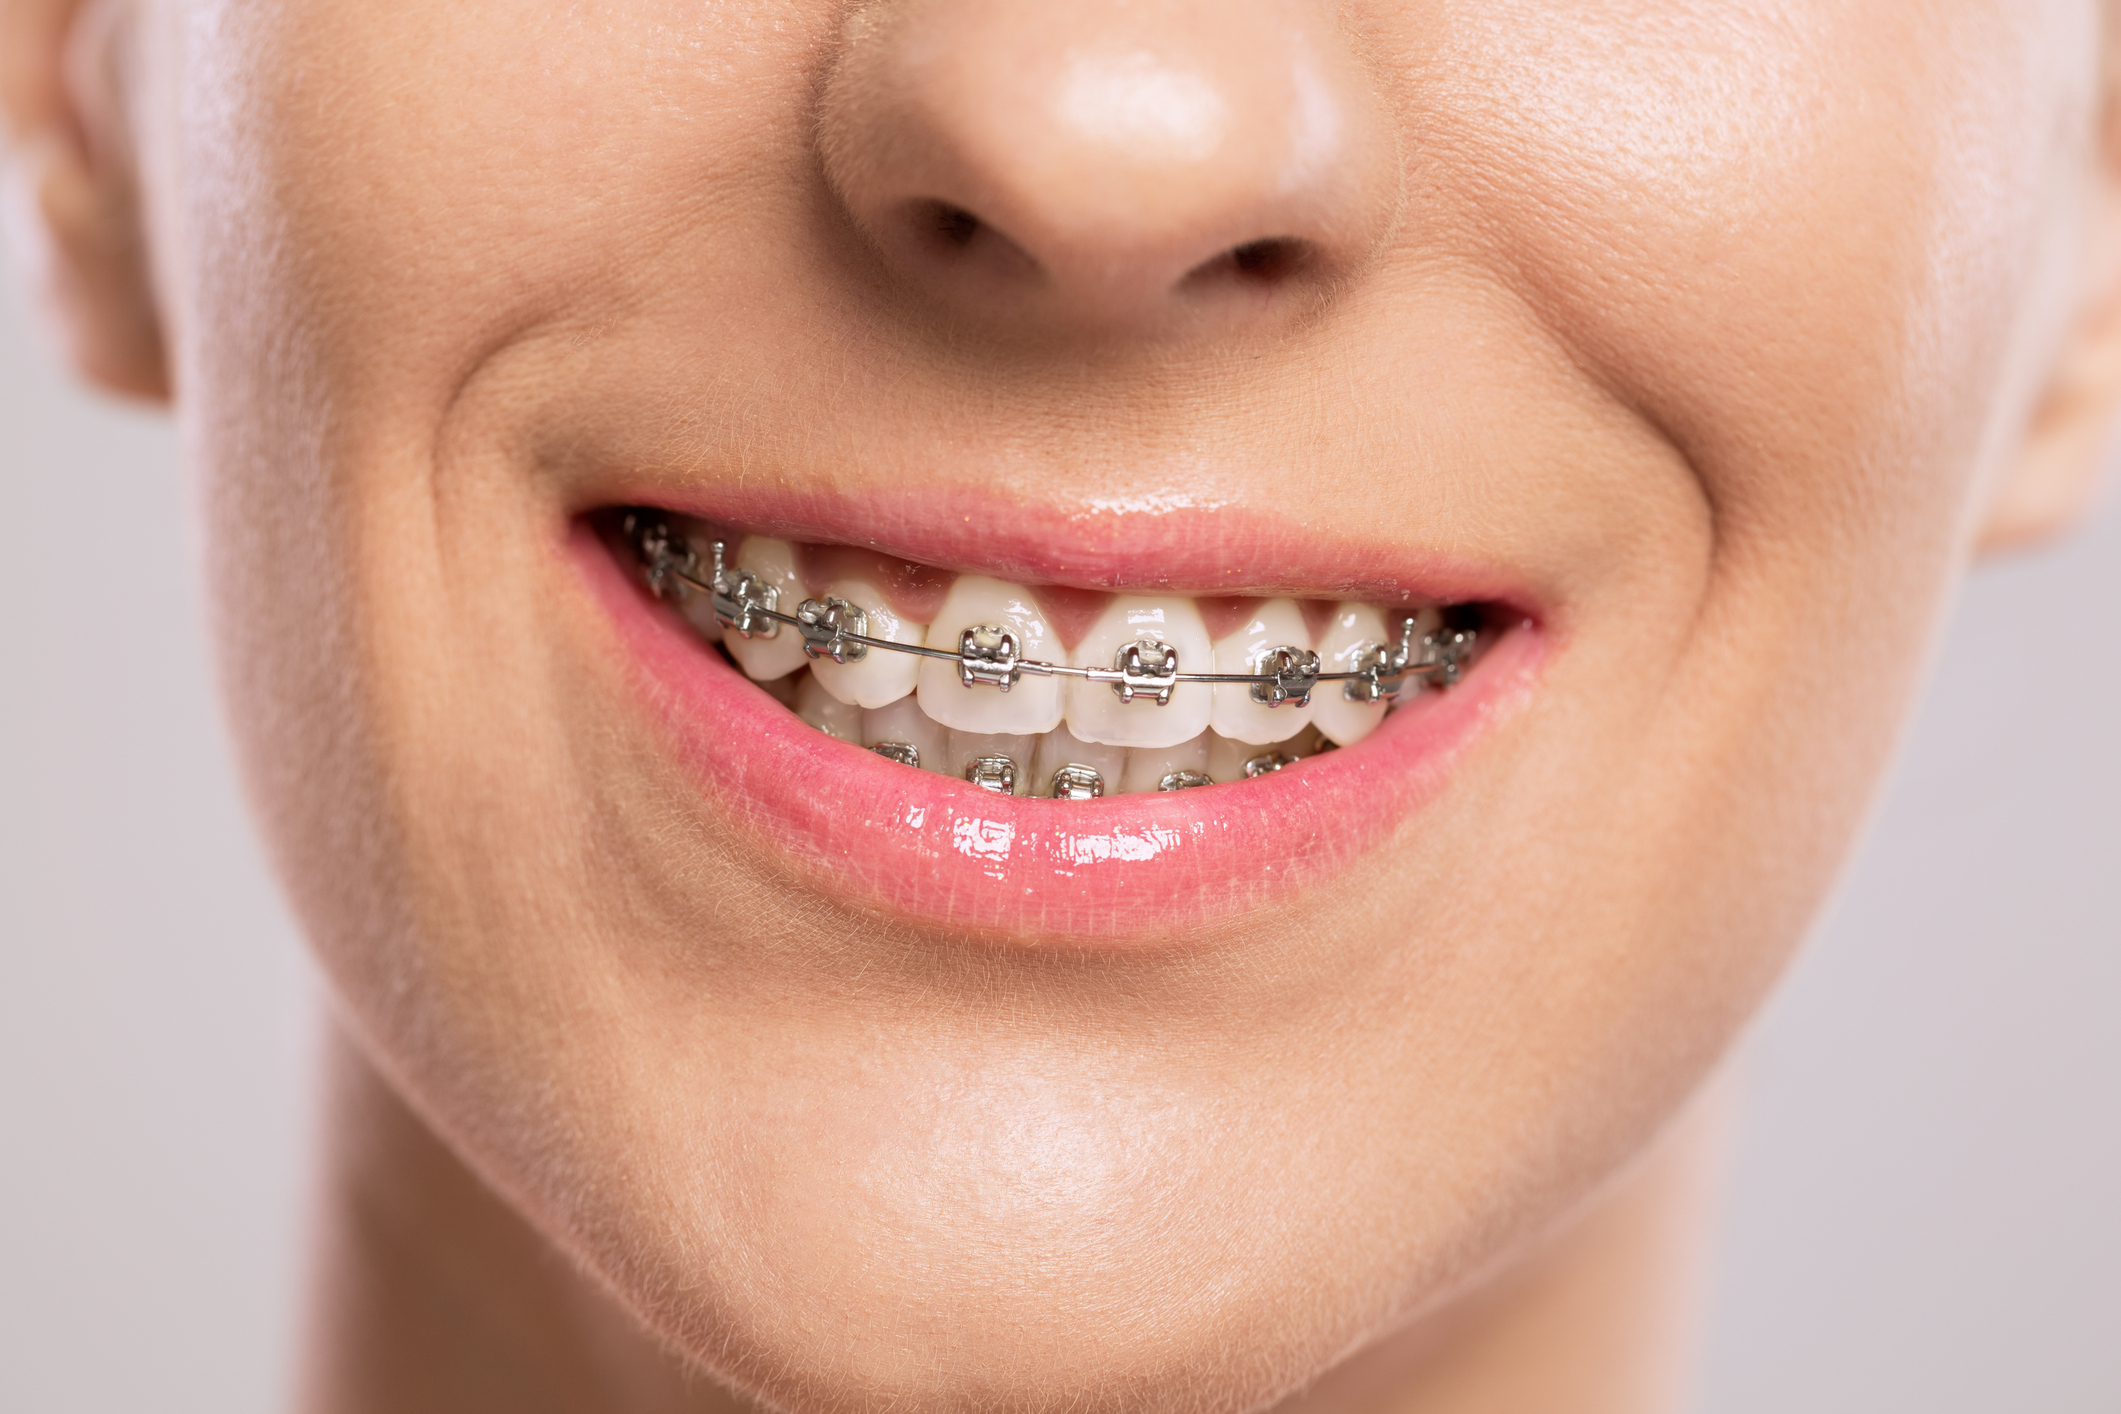 Os problemas da falta de higiene apropriada se multiplicam com o aparelho nos dentes. Veja dicas para melhorar os cuidados com a saúde bucal!